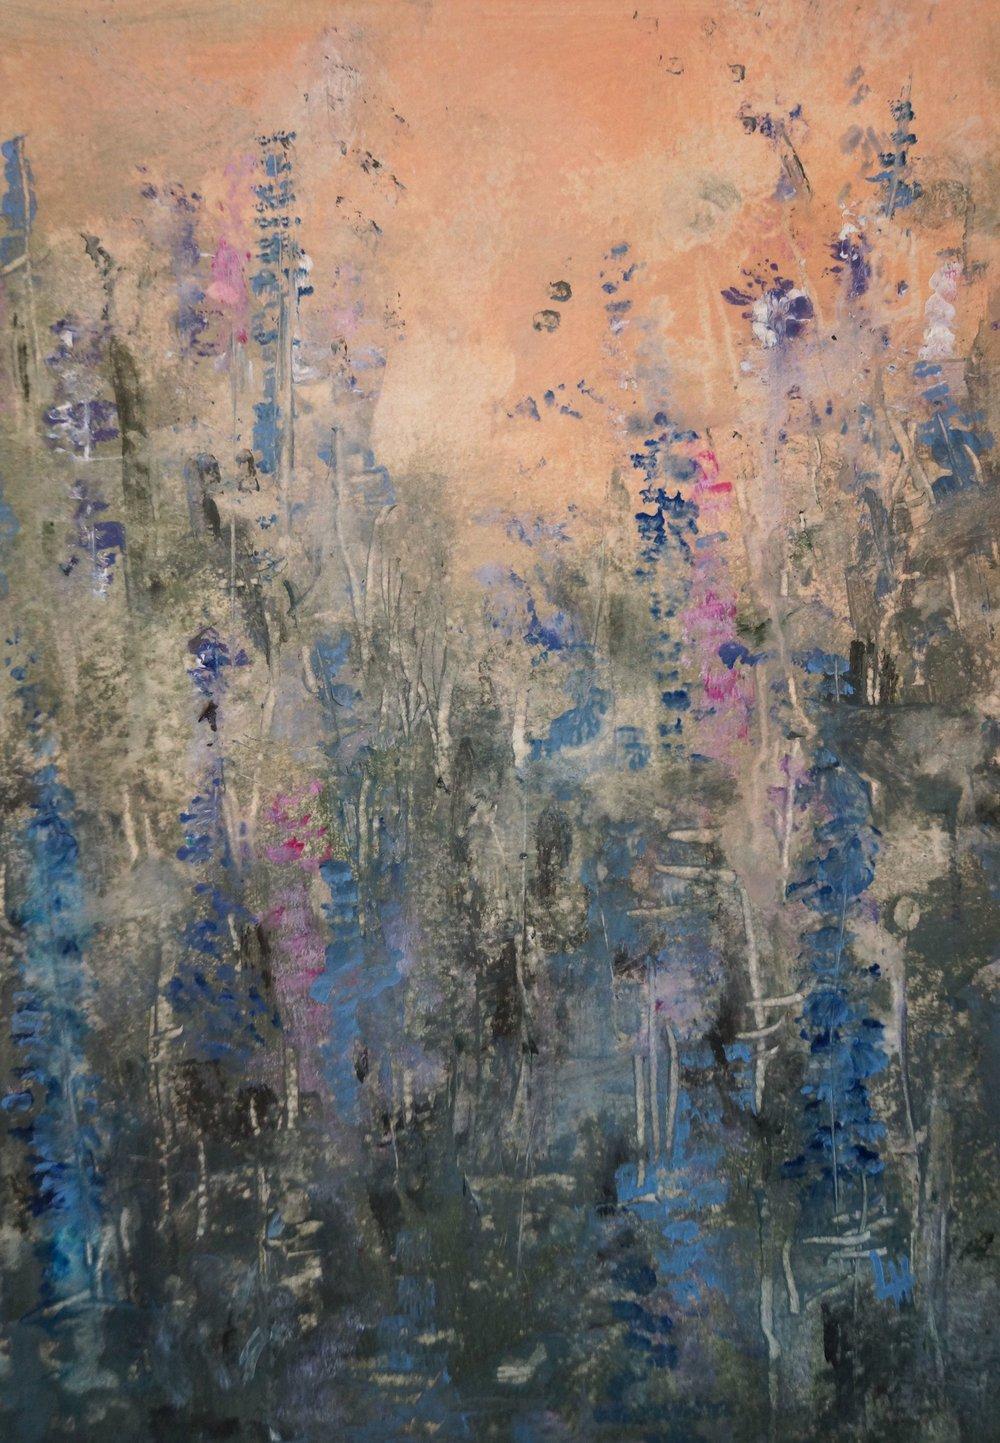 Wildflowers 2, Lindsay Higa